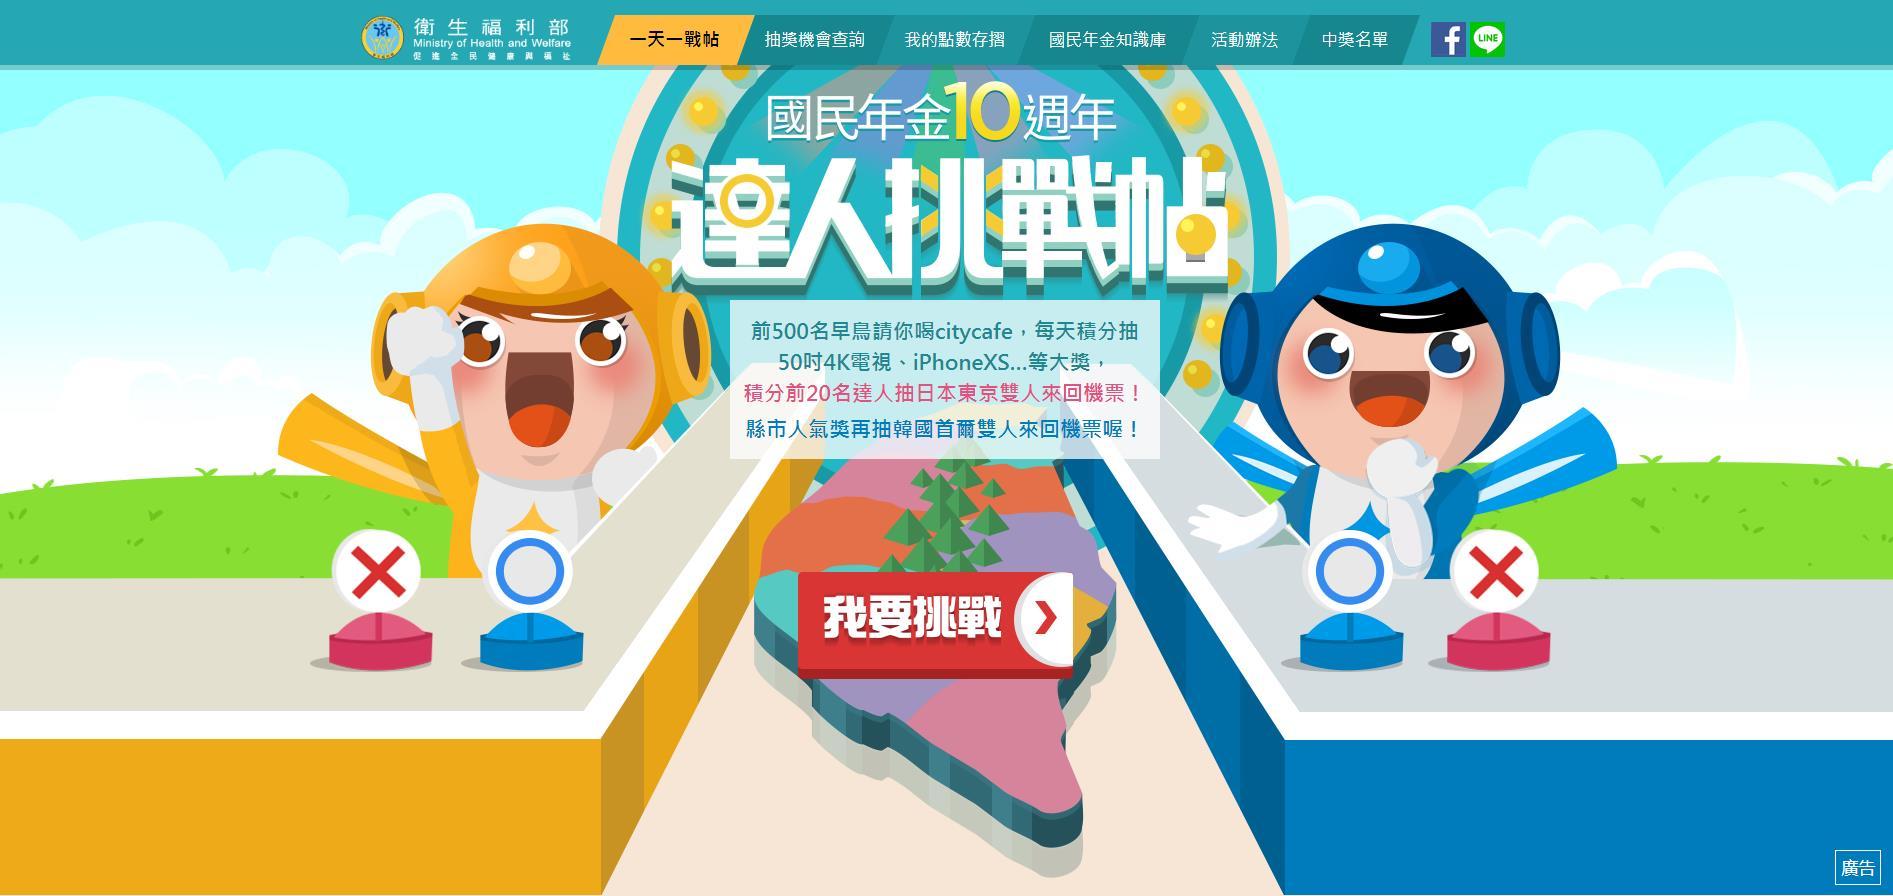 「國民年金10週年 達人挑戰帖」網路遊戲活動